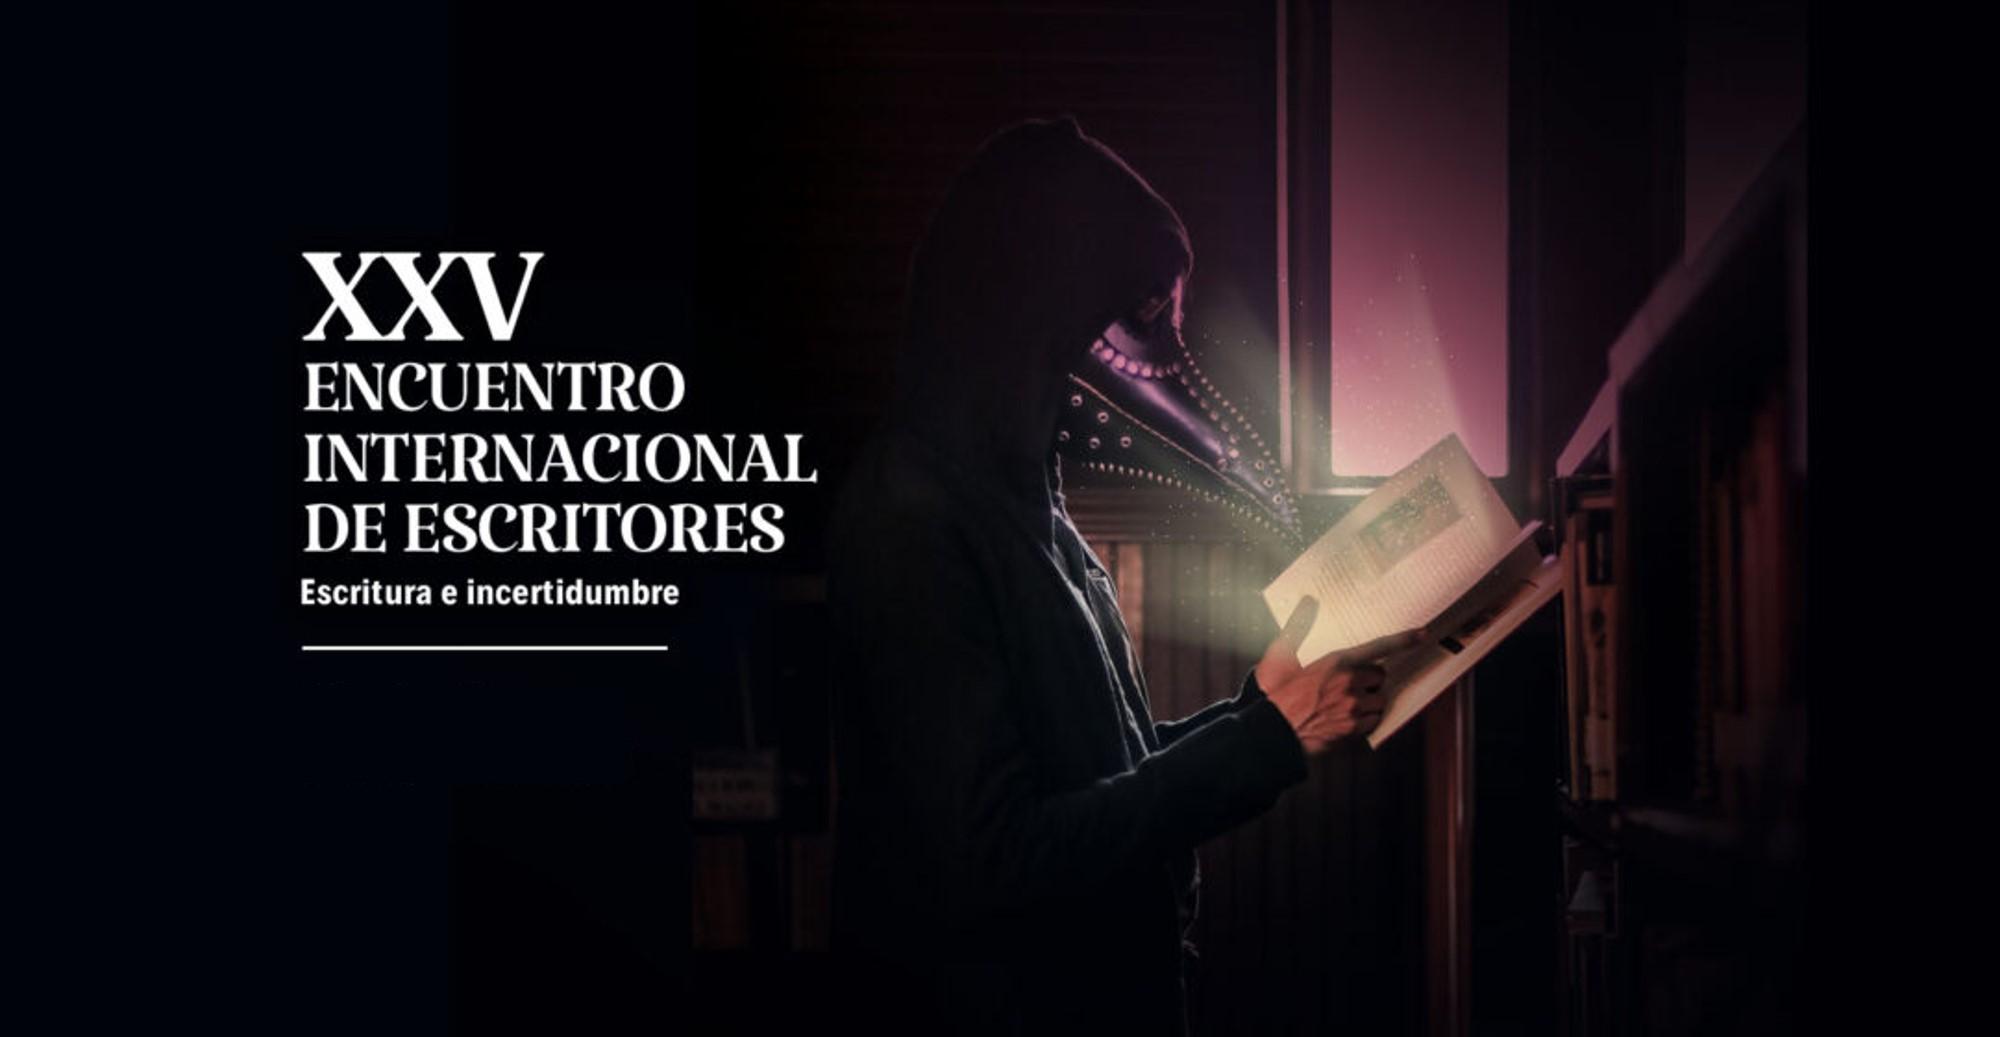 XXV Encuentro Internacional de Escritores. Claustro y luz: Las palabras como fuga